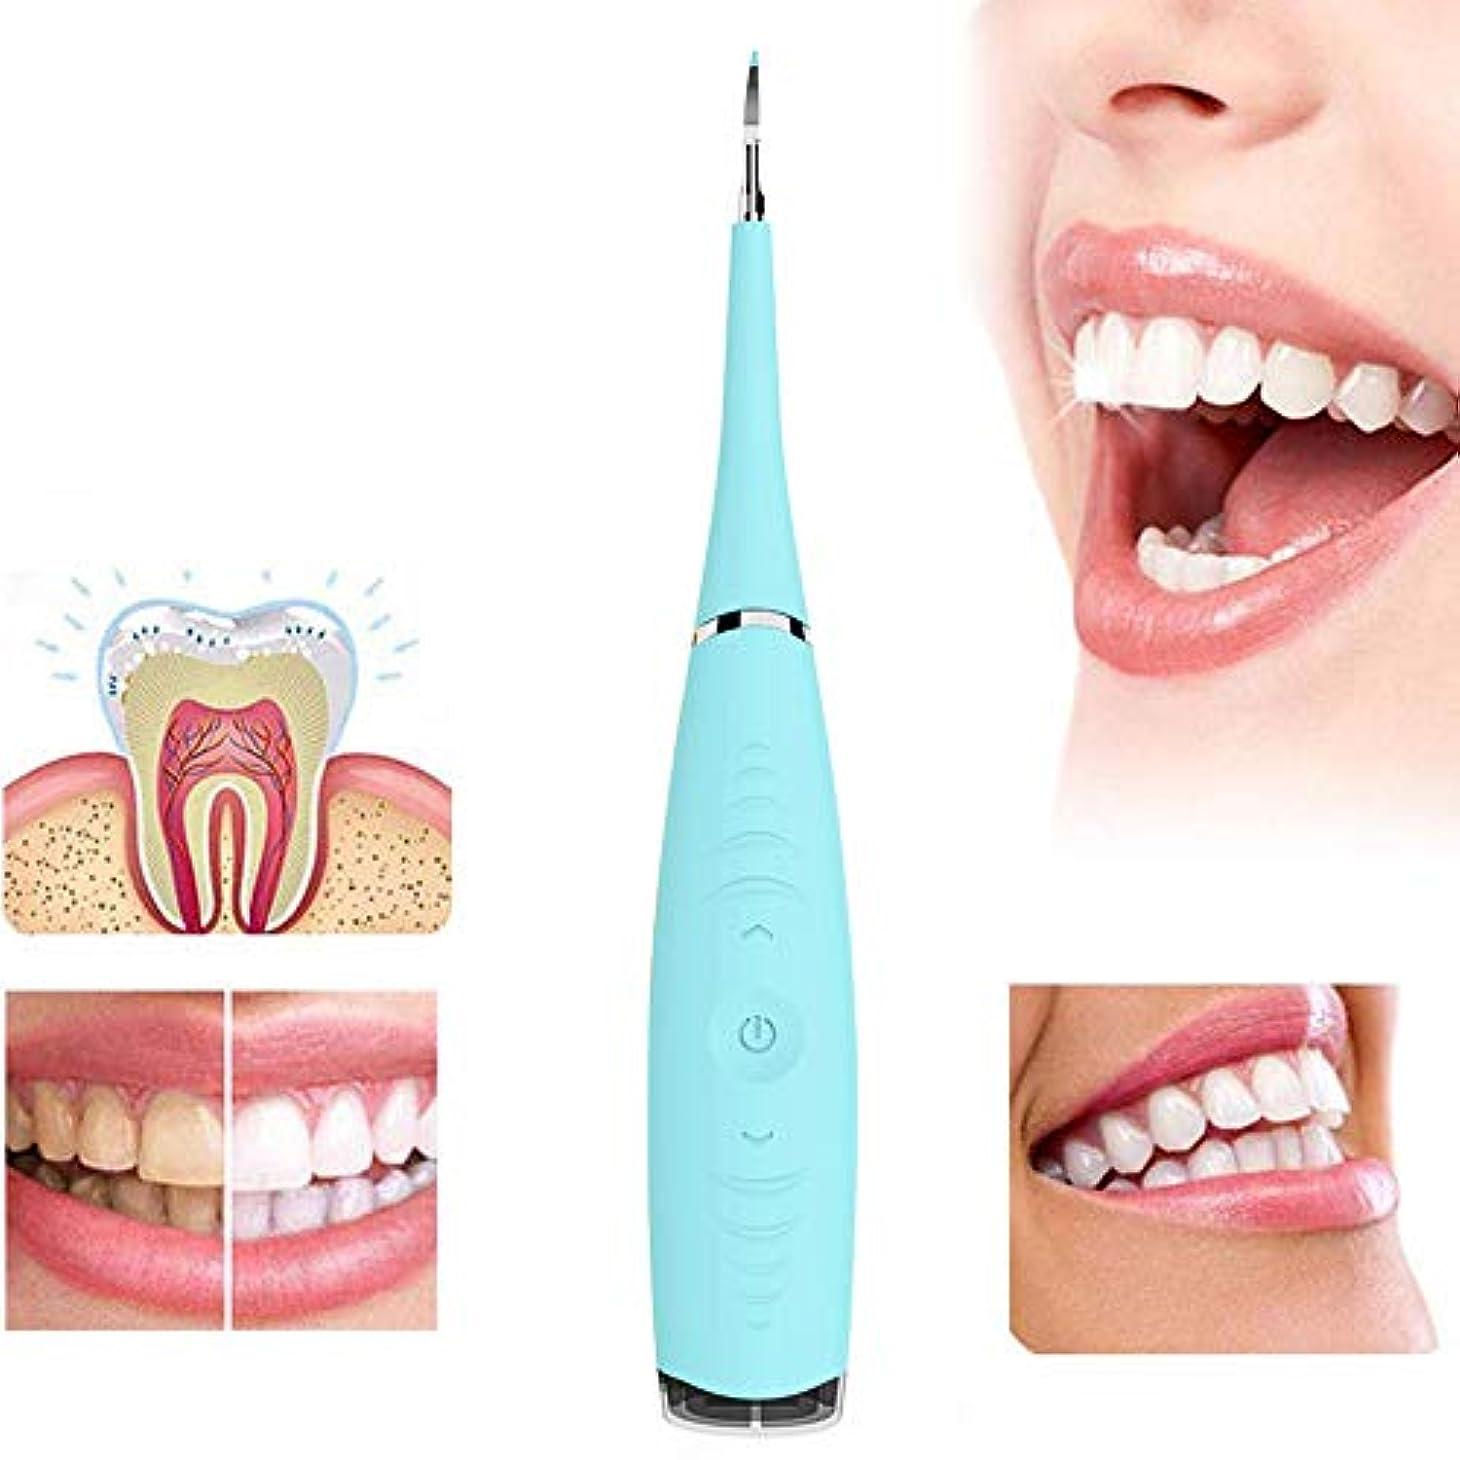 上対角線受取人歯をホワイトニング電動歯石除去ツール防水ステンレス鋼歯石スクレーパー歯のクリーニング消しゴム